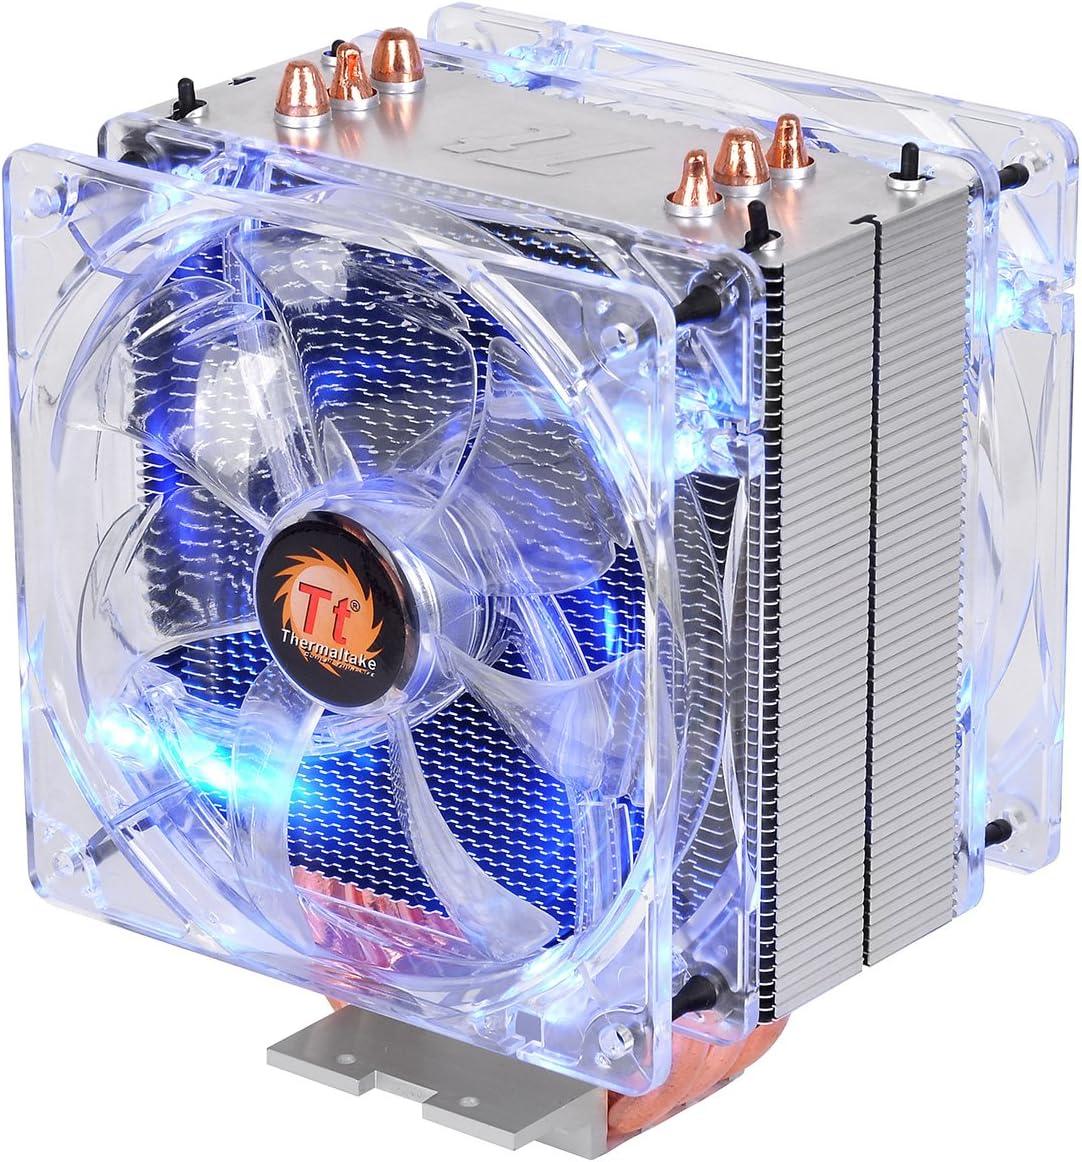 Thermaltake Contac 39 - Ventilador de PC (Enfriador, Procesador ...